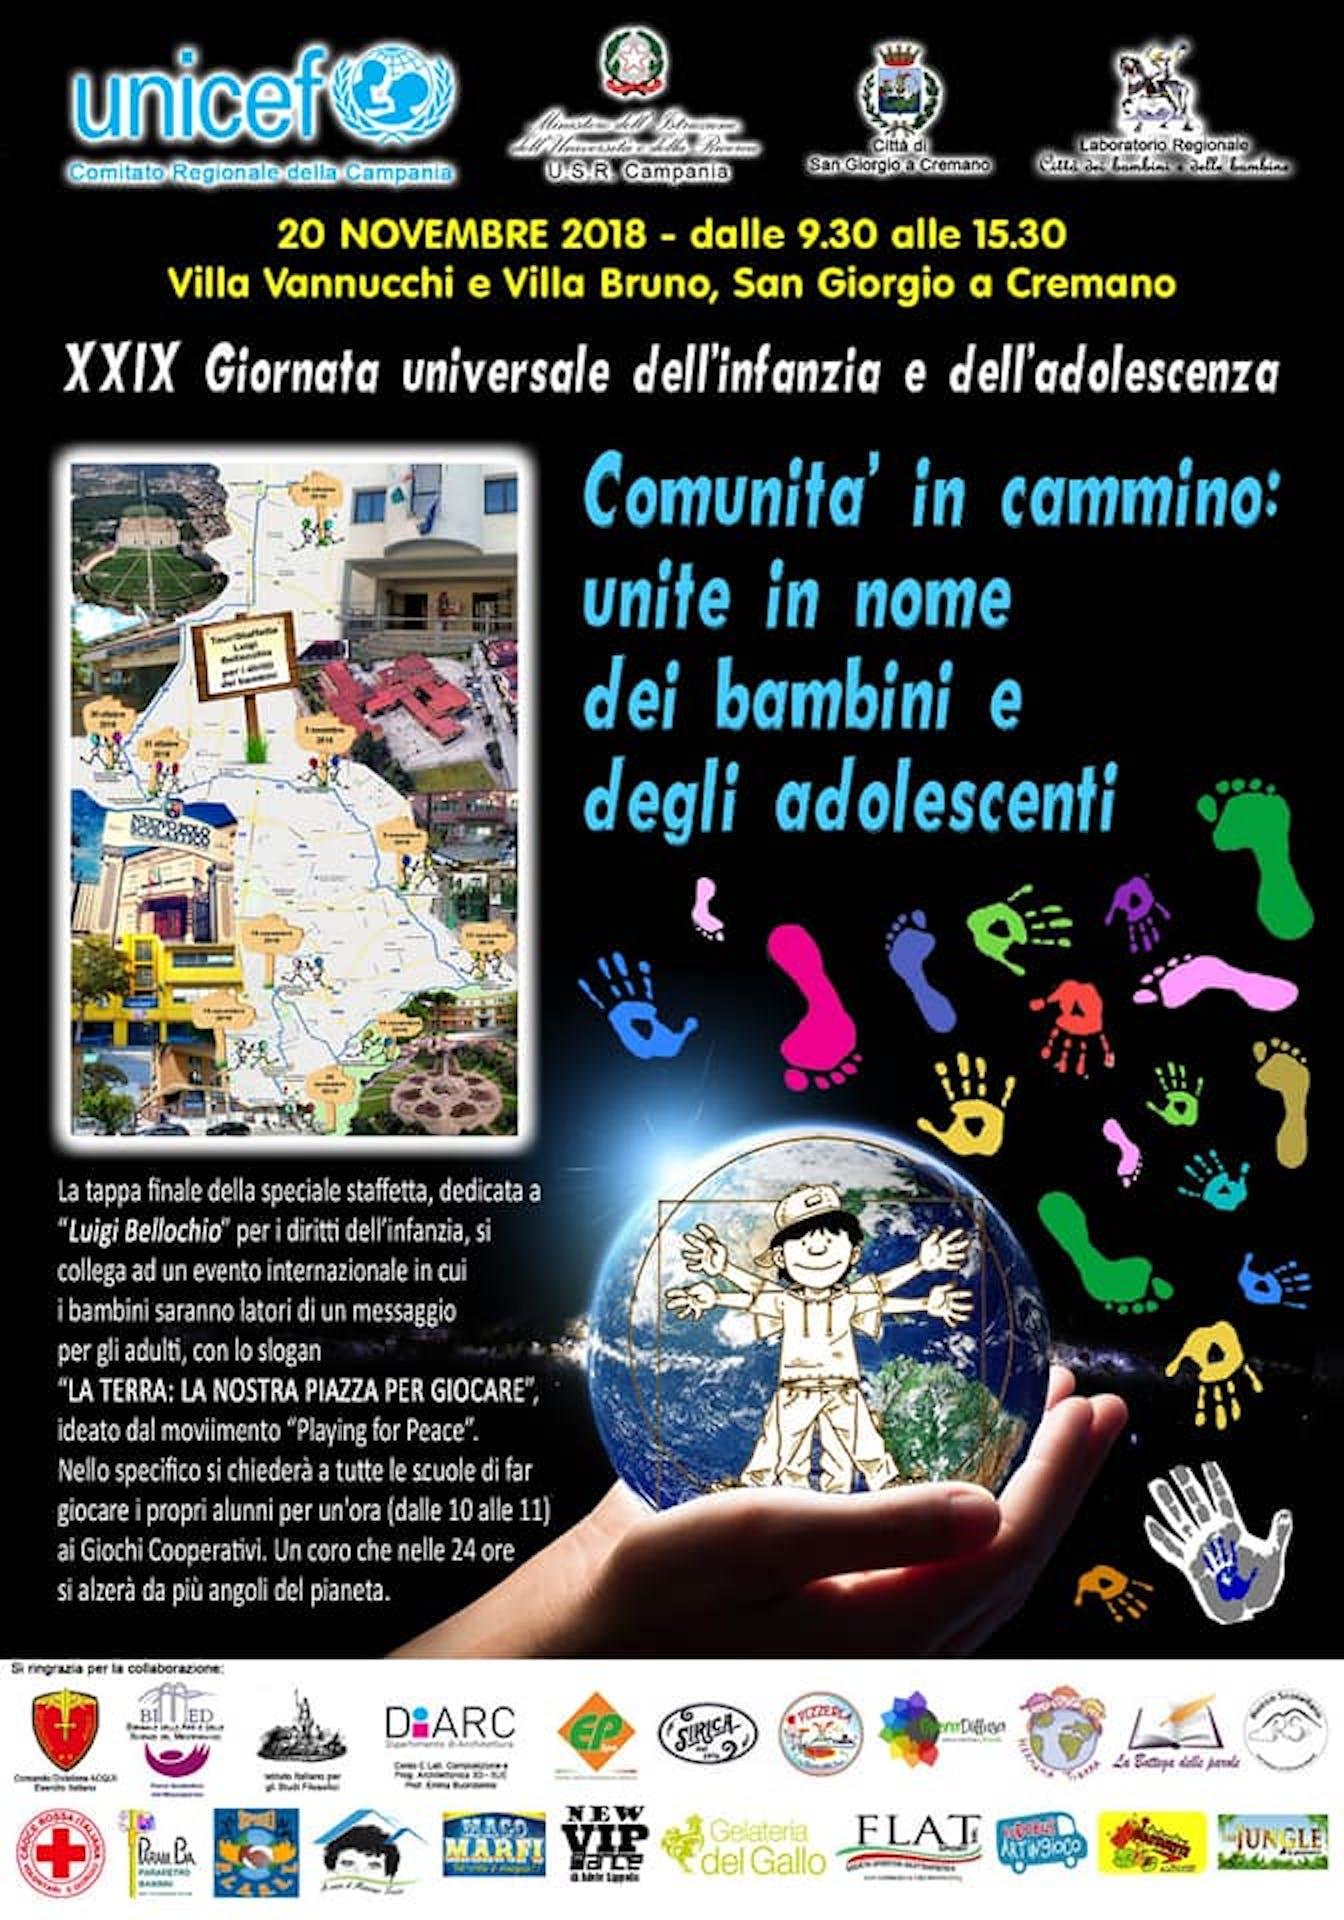 Per la giornata mondiale dell'infanzia, in provincia di Napoli